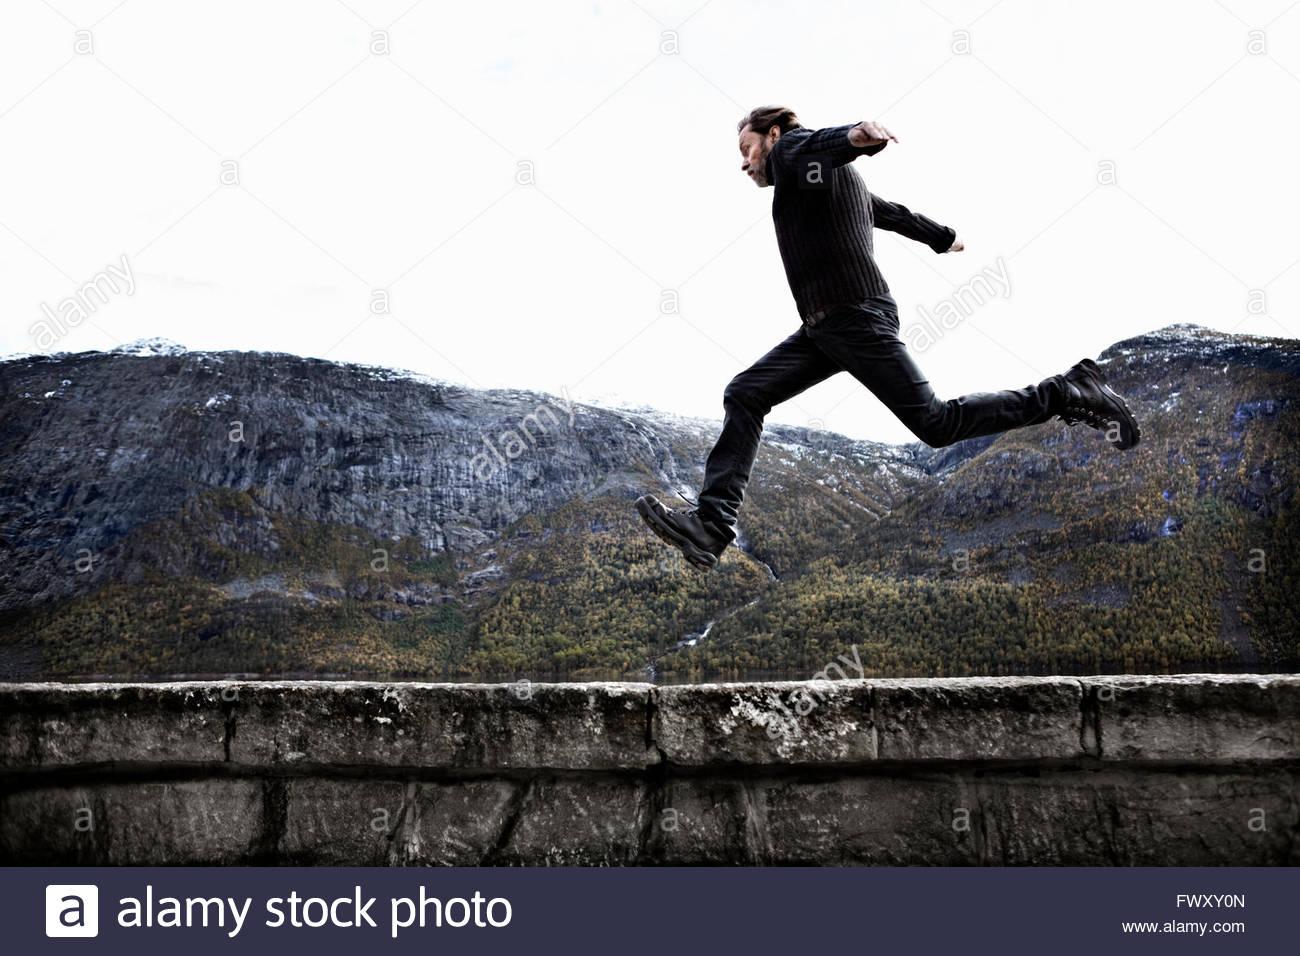 Noruega, Odda, hombre saltar por encima de la pared de piedra Imagen De Stock